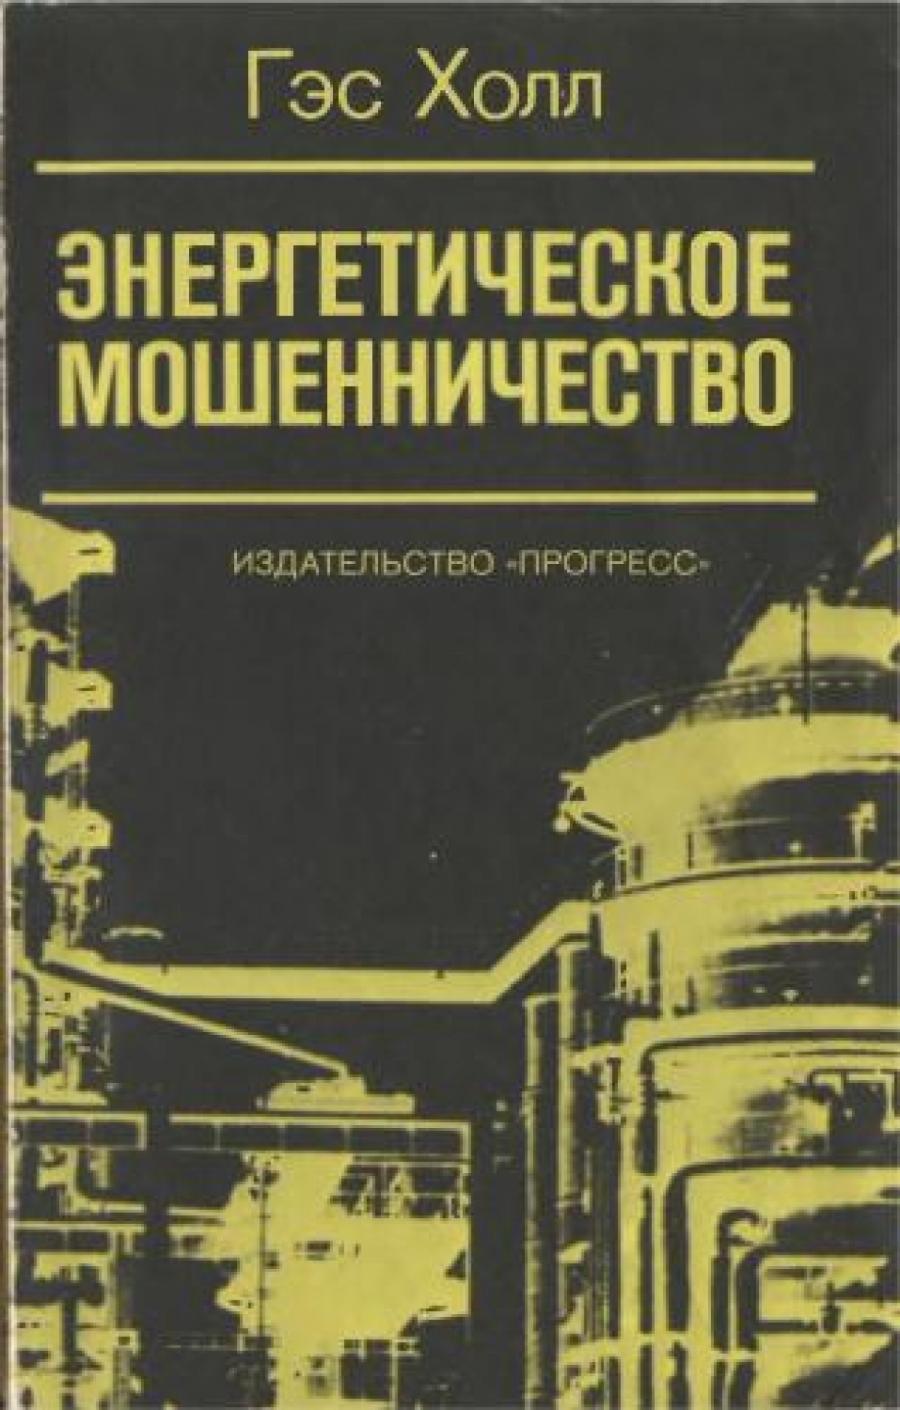 Обложка книги:  холл гэс - энергетическое мошенничество